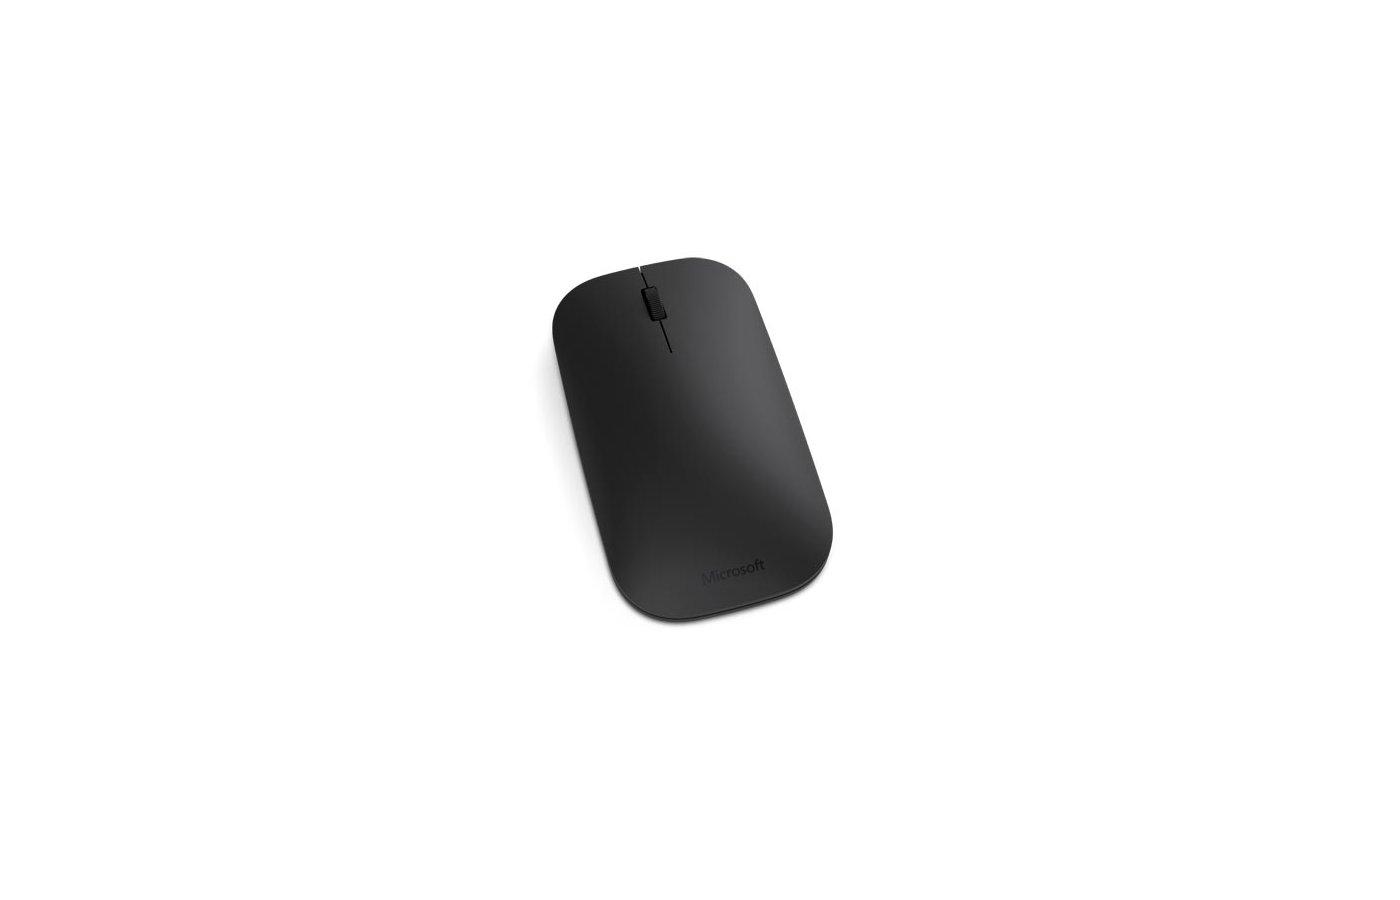 Мышь беспроводная Microsoft Designer черный оптическая (1000dpi) беспроводная BT